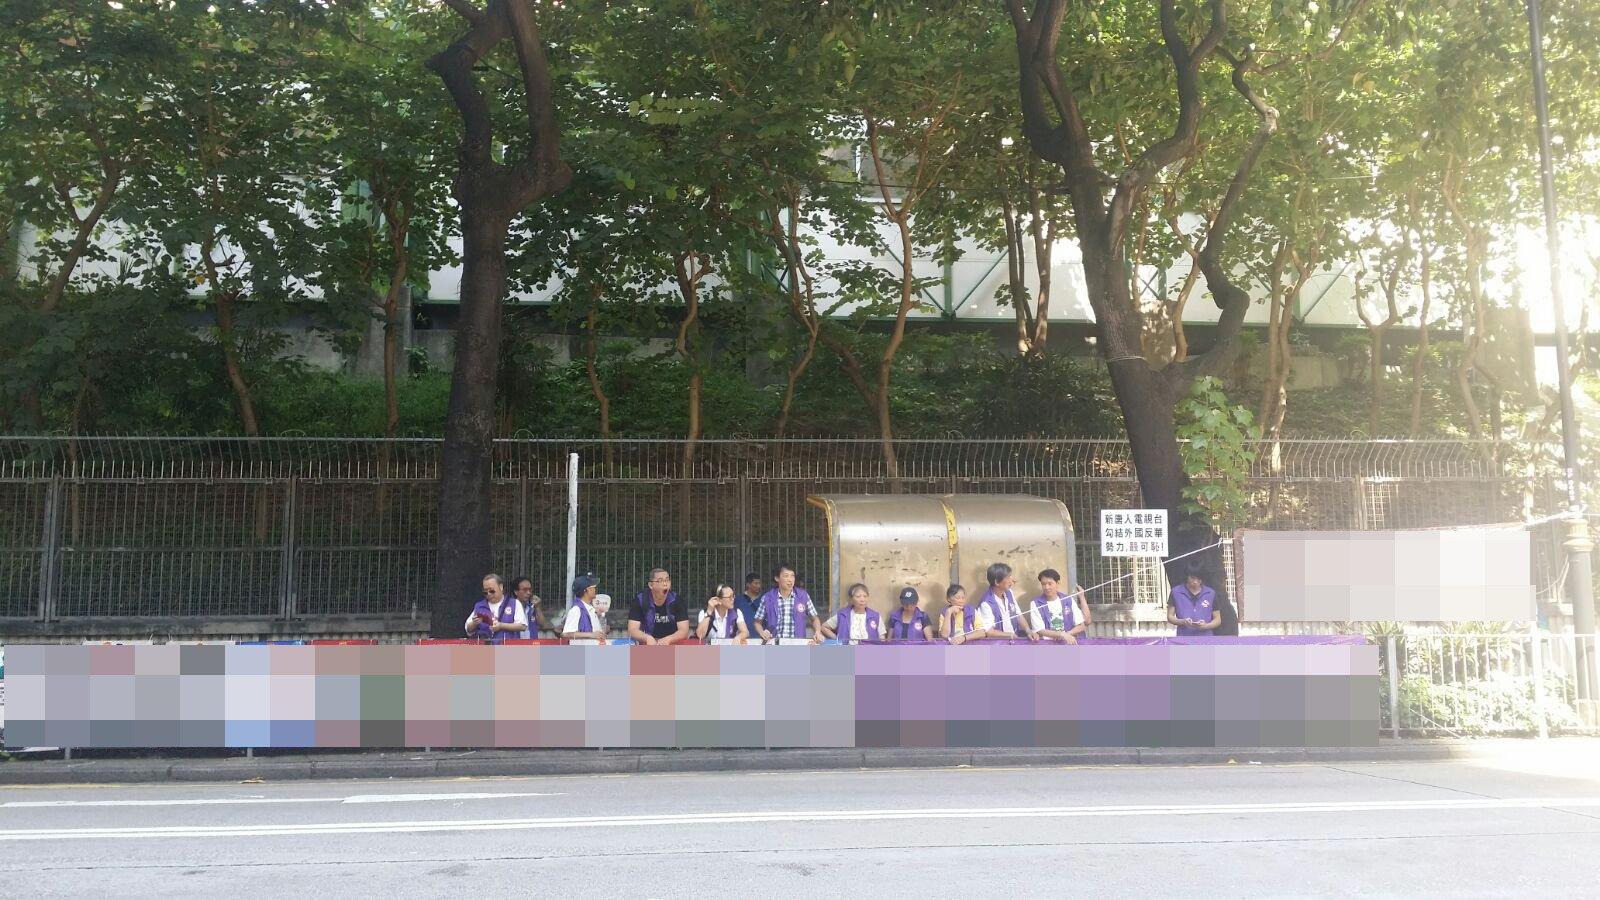 7月23日,中共外圍組織香港關注基層市民協會再在新唐人舉辦的「全世界中國古典舞大賽」亞太區初賽場館——麥花臣場館另一側對面的染布房街上,懸掛多幅污衊展板及橫幅。(余鋼/大紀元)